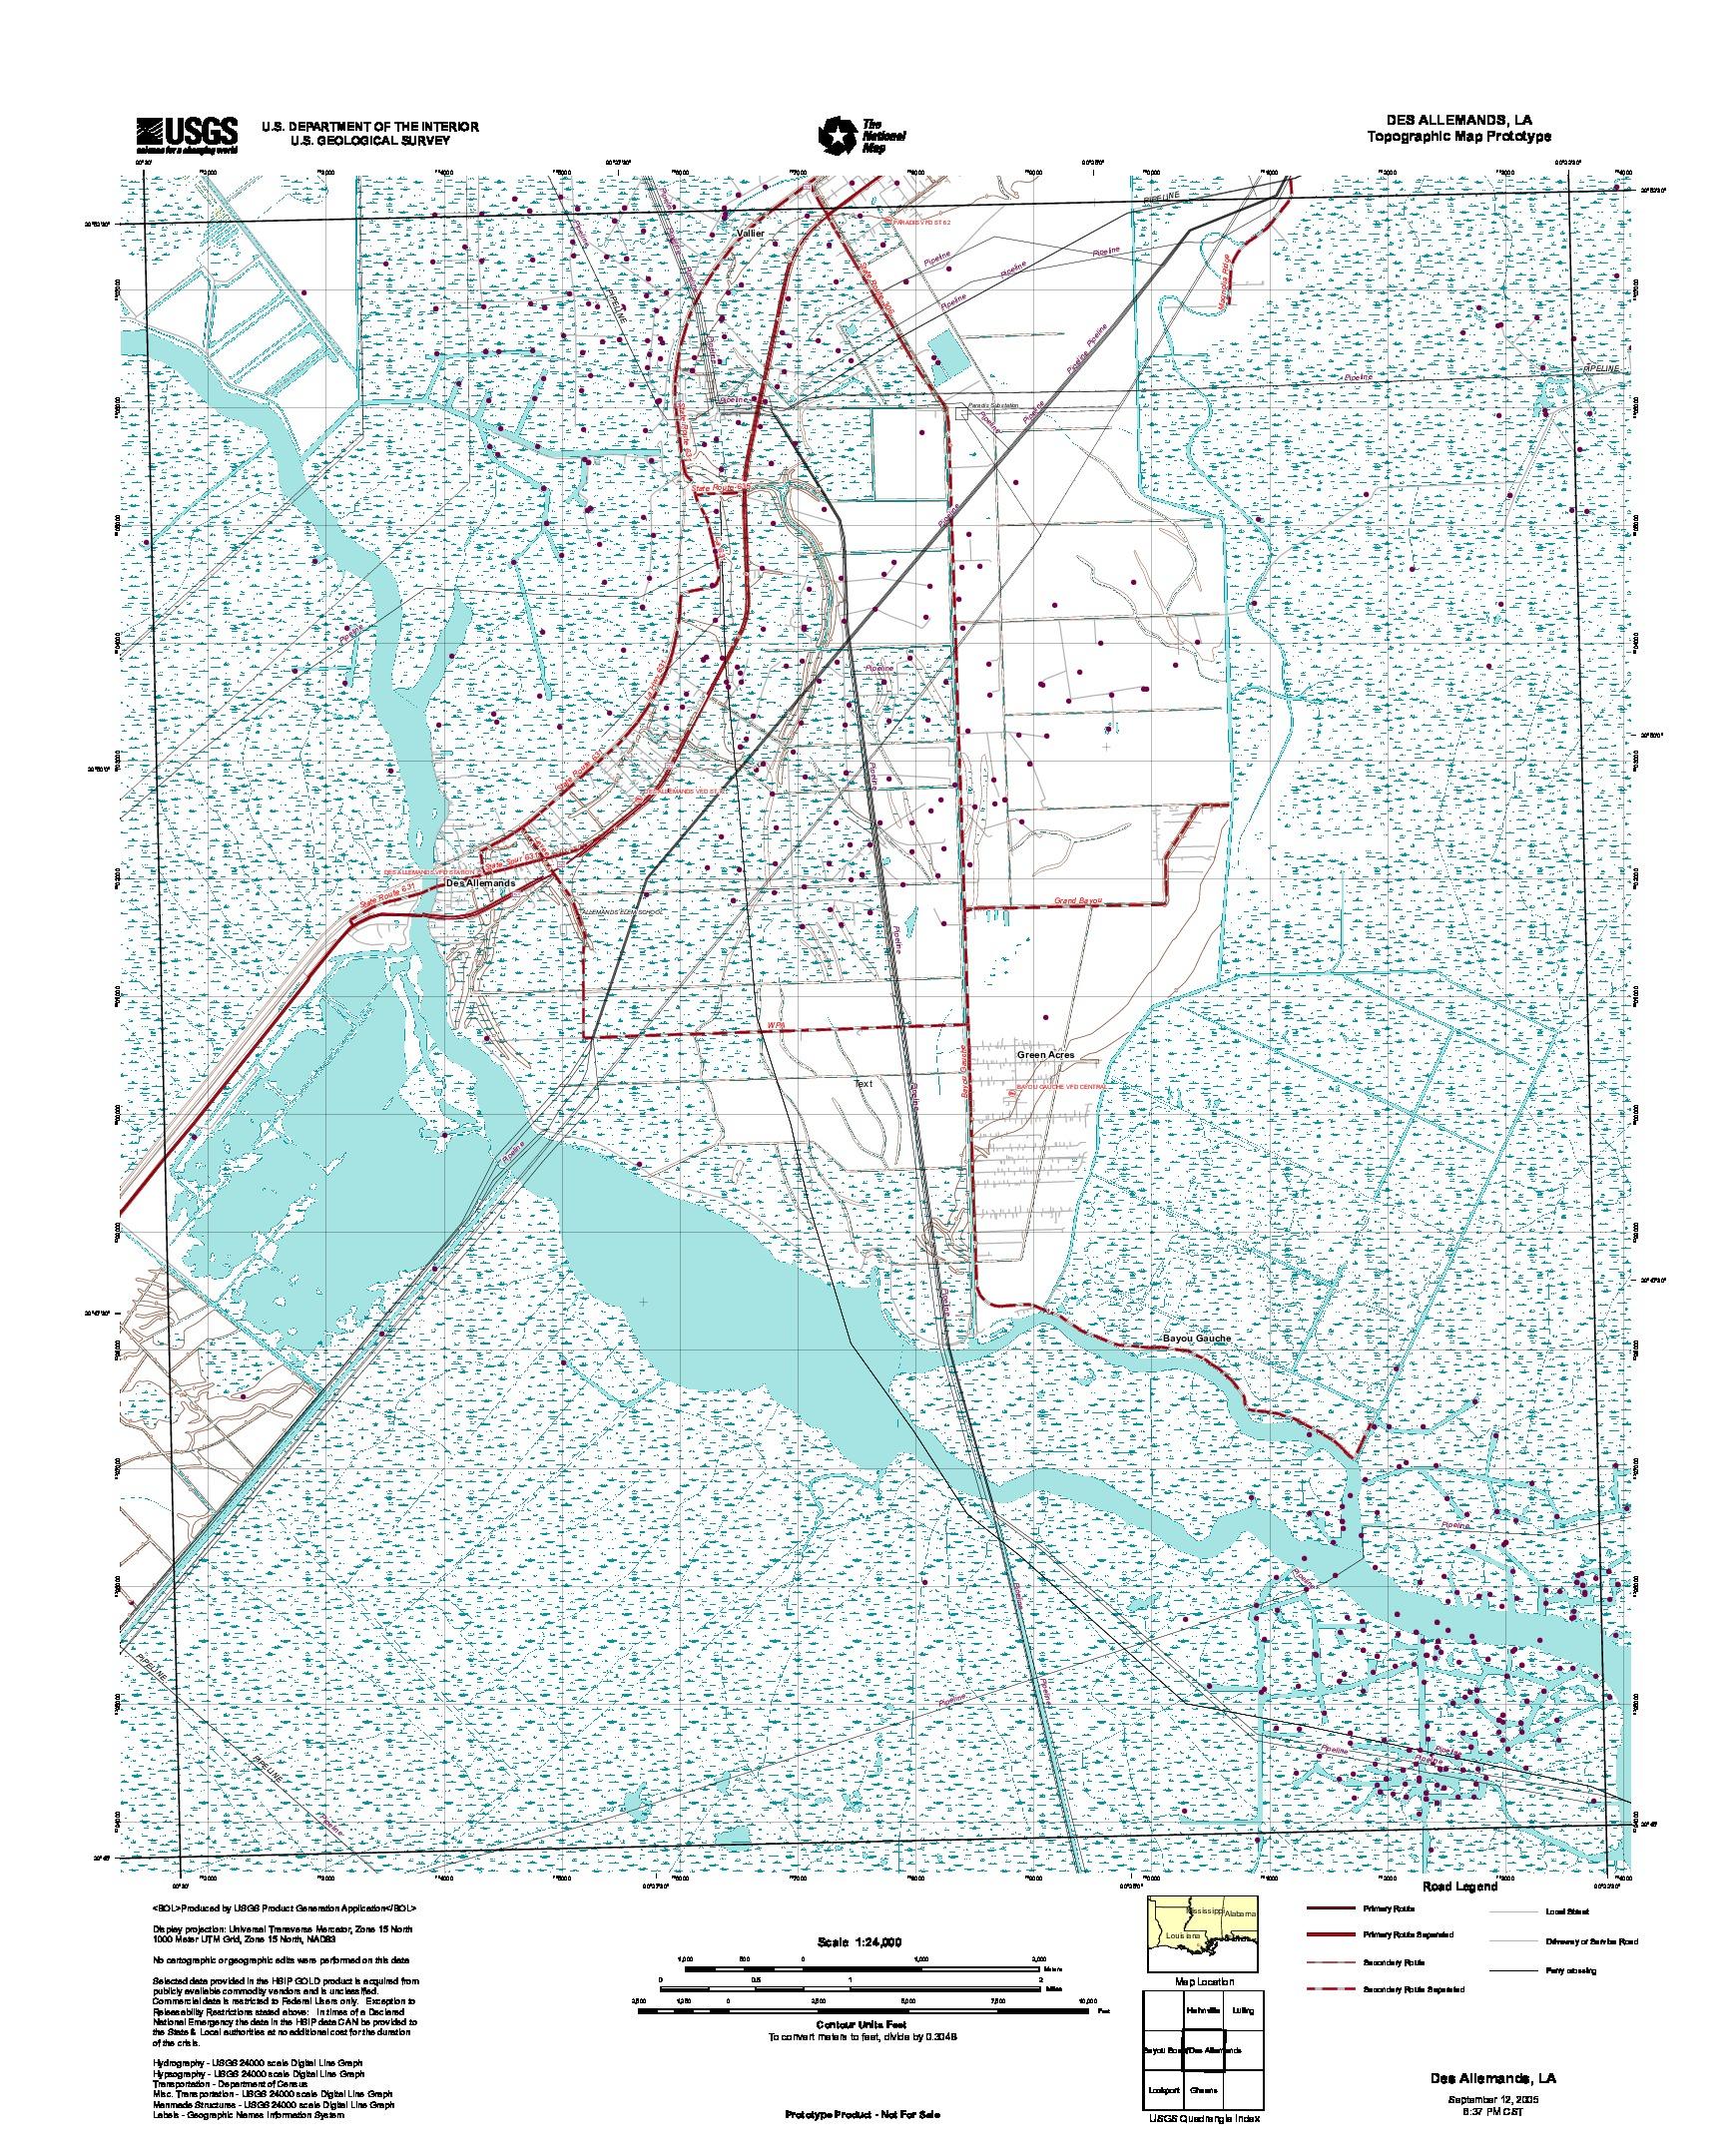 Prototipo de Mapa Topográfico des Allemands, Luisiana, Estados Unidos, Septiembre 12, 2005